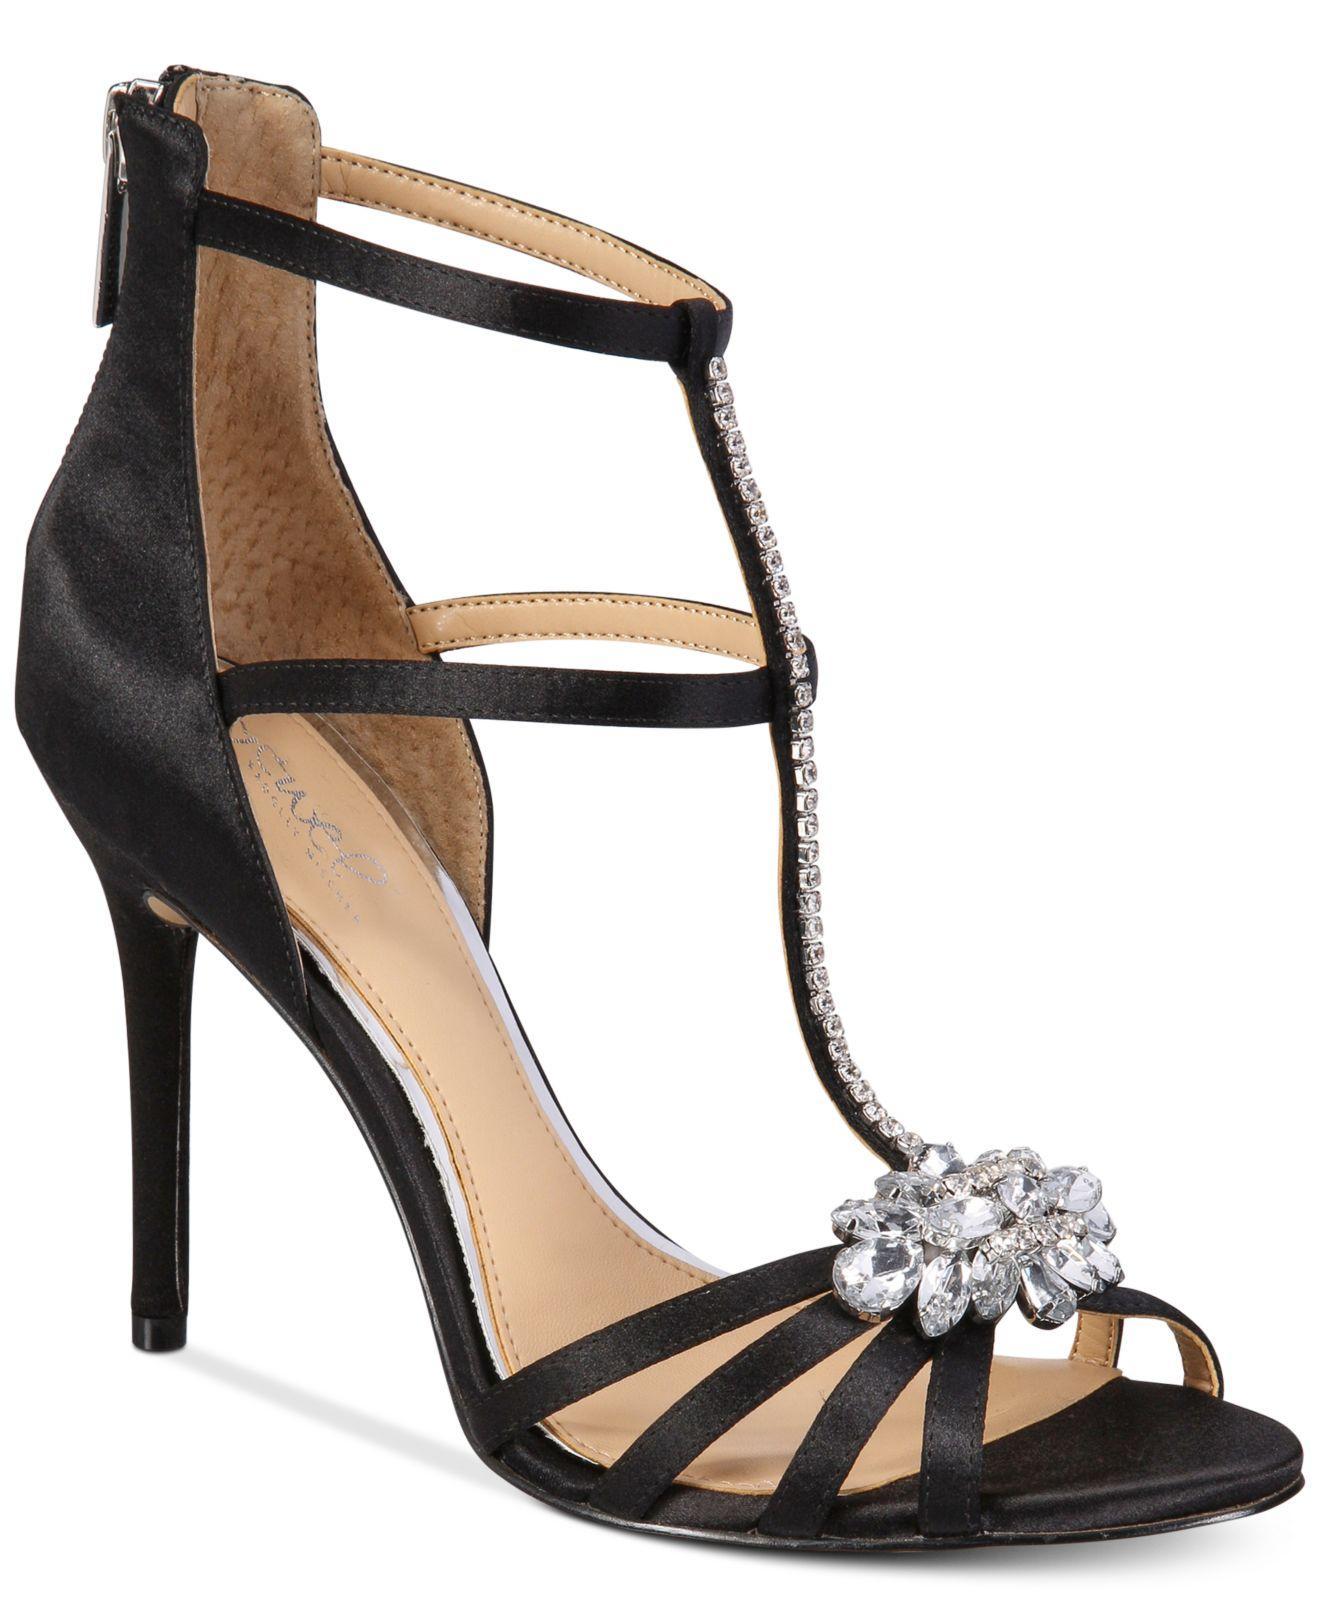 Lyst Badgley Mischka Hazel Strappy Evening Sandals In Black